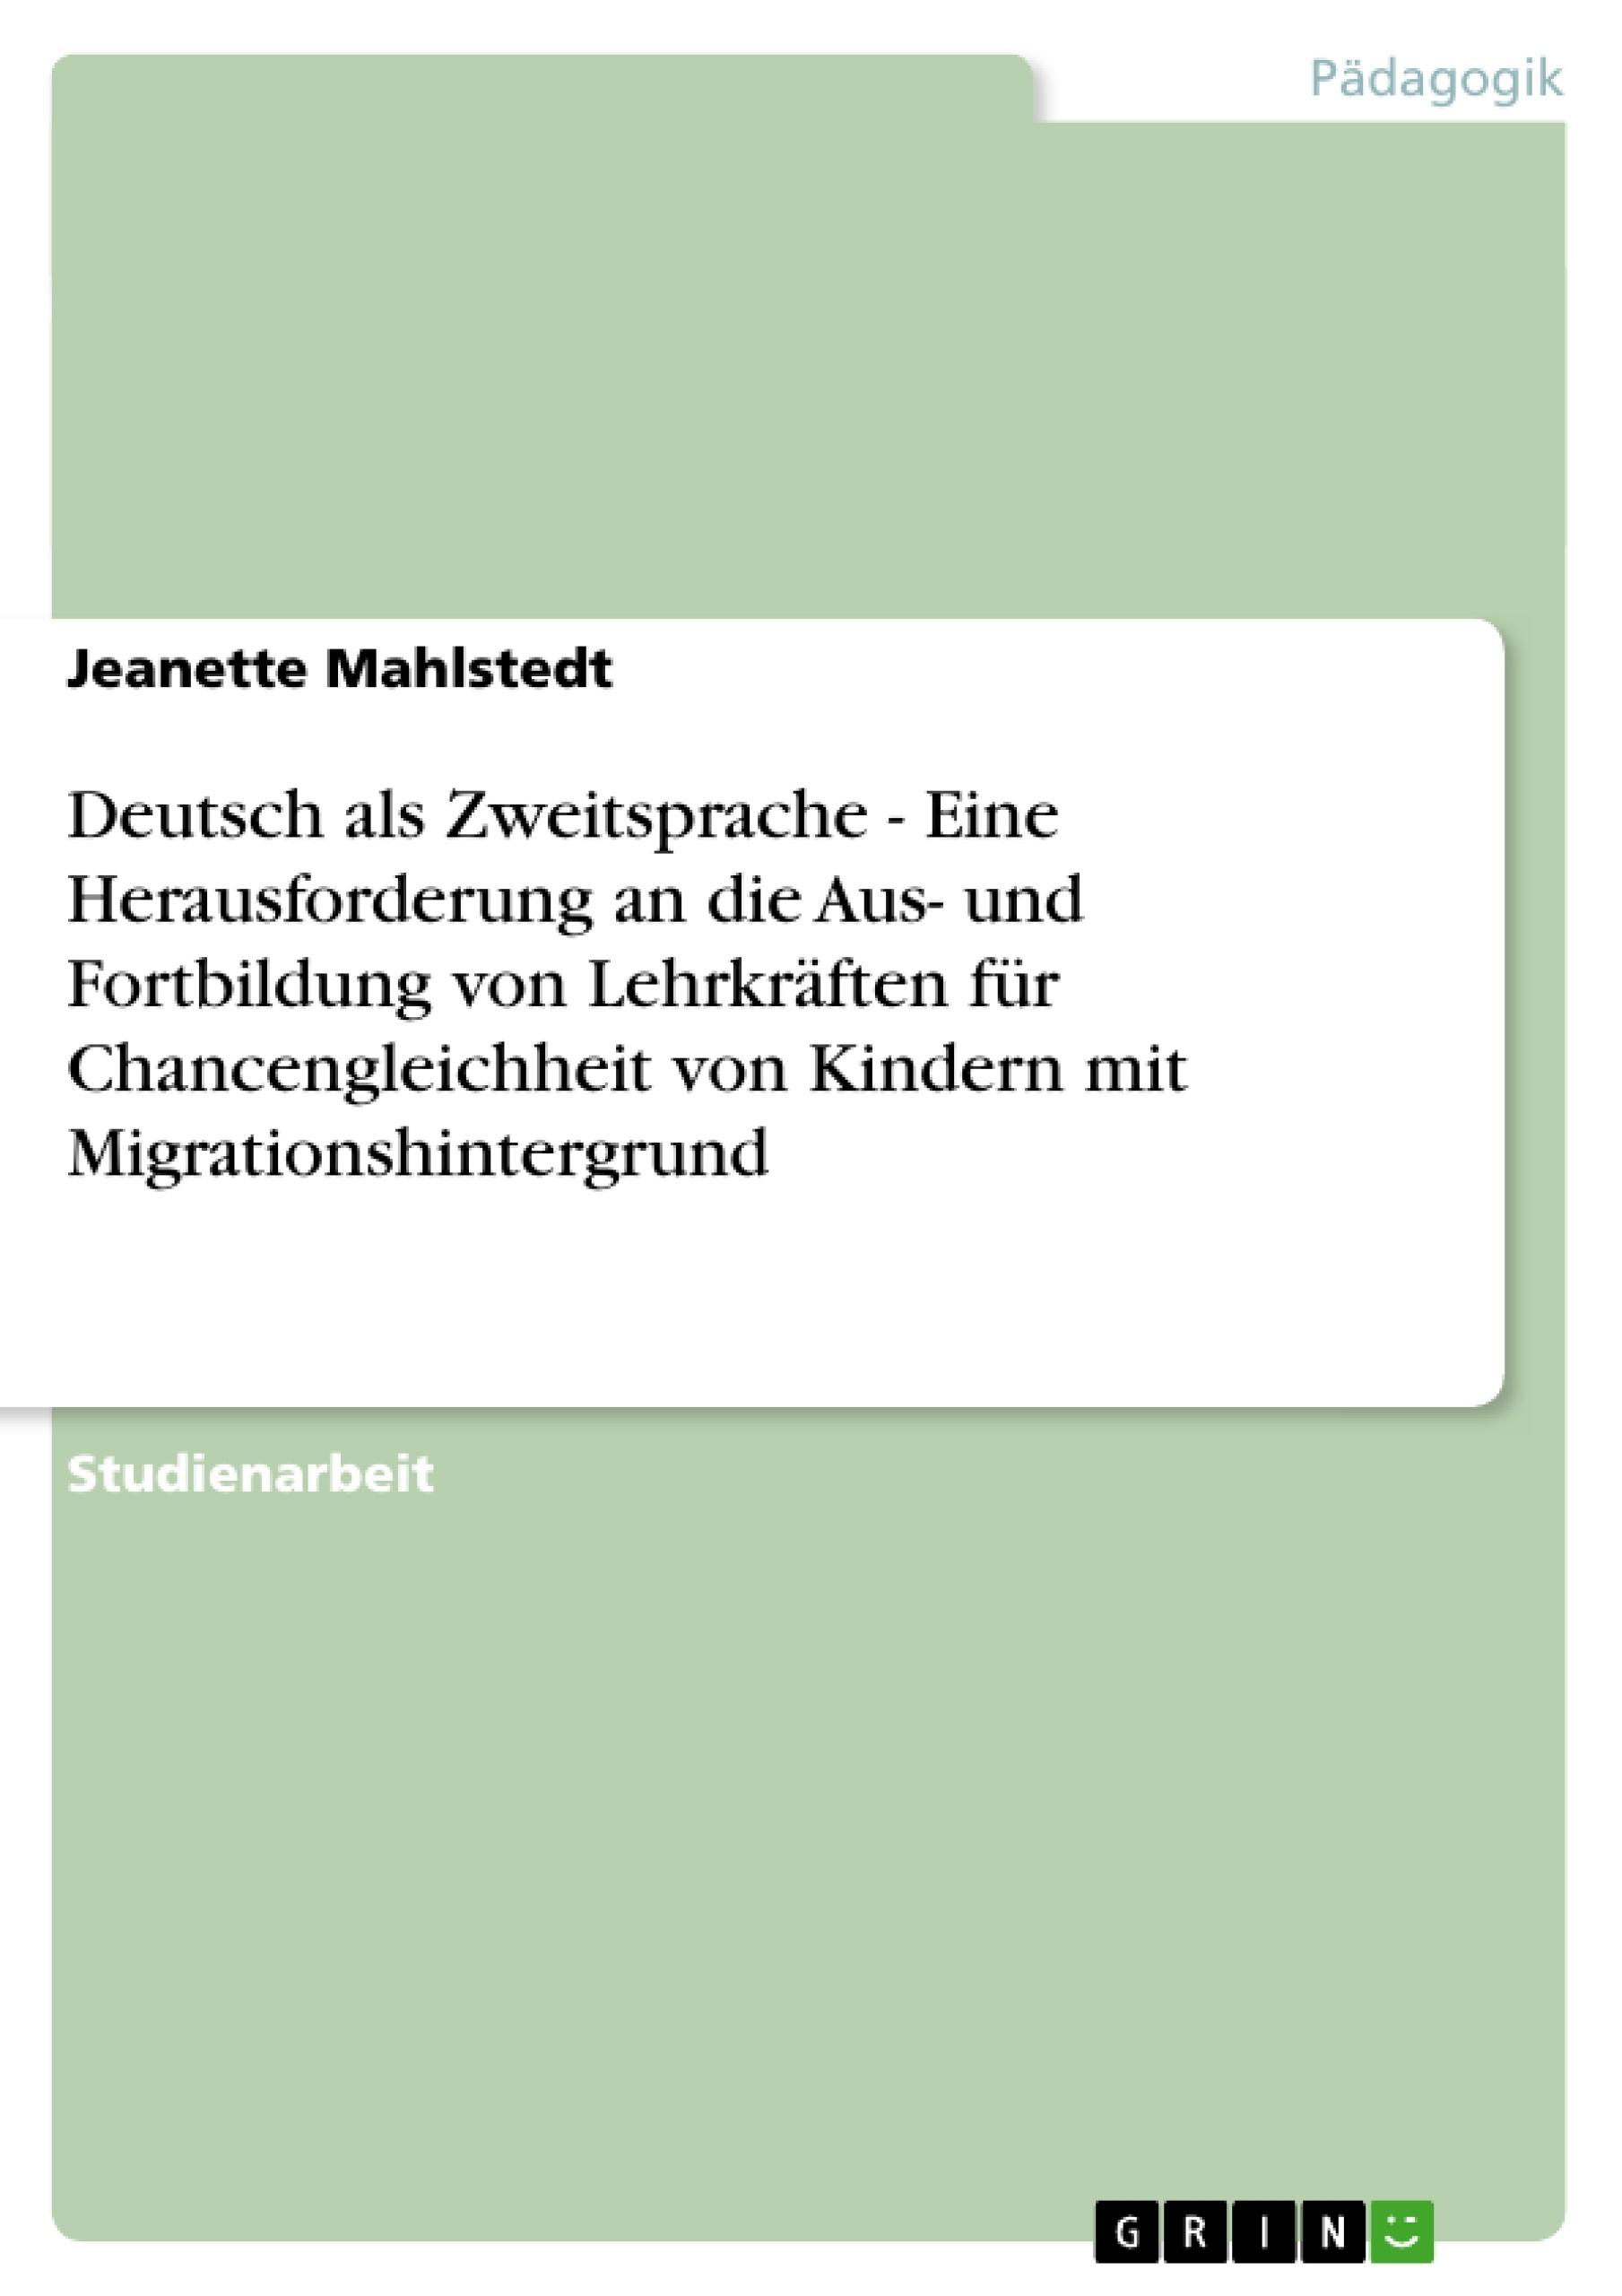 Titel: Deutsch als Zweitsprache - Eine Herausforderung an die Aus- und Fortbildung von Lehrkräften für Chancengleichheit von Kindern mit Migrationshintergrund